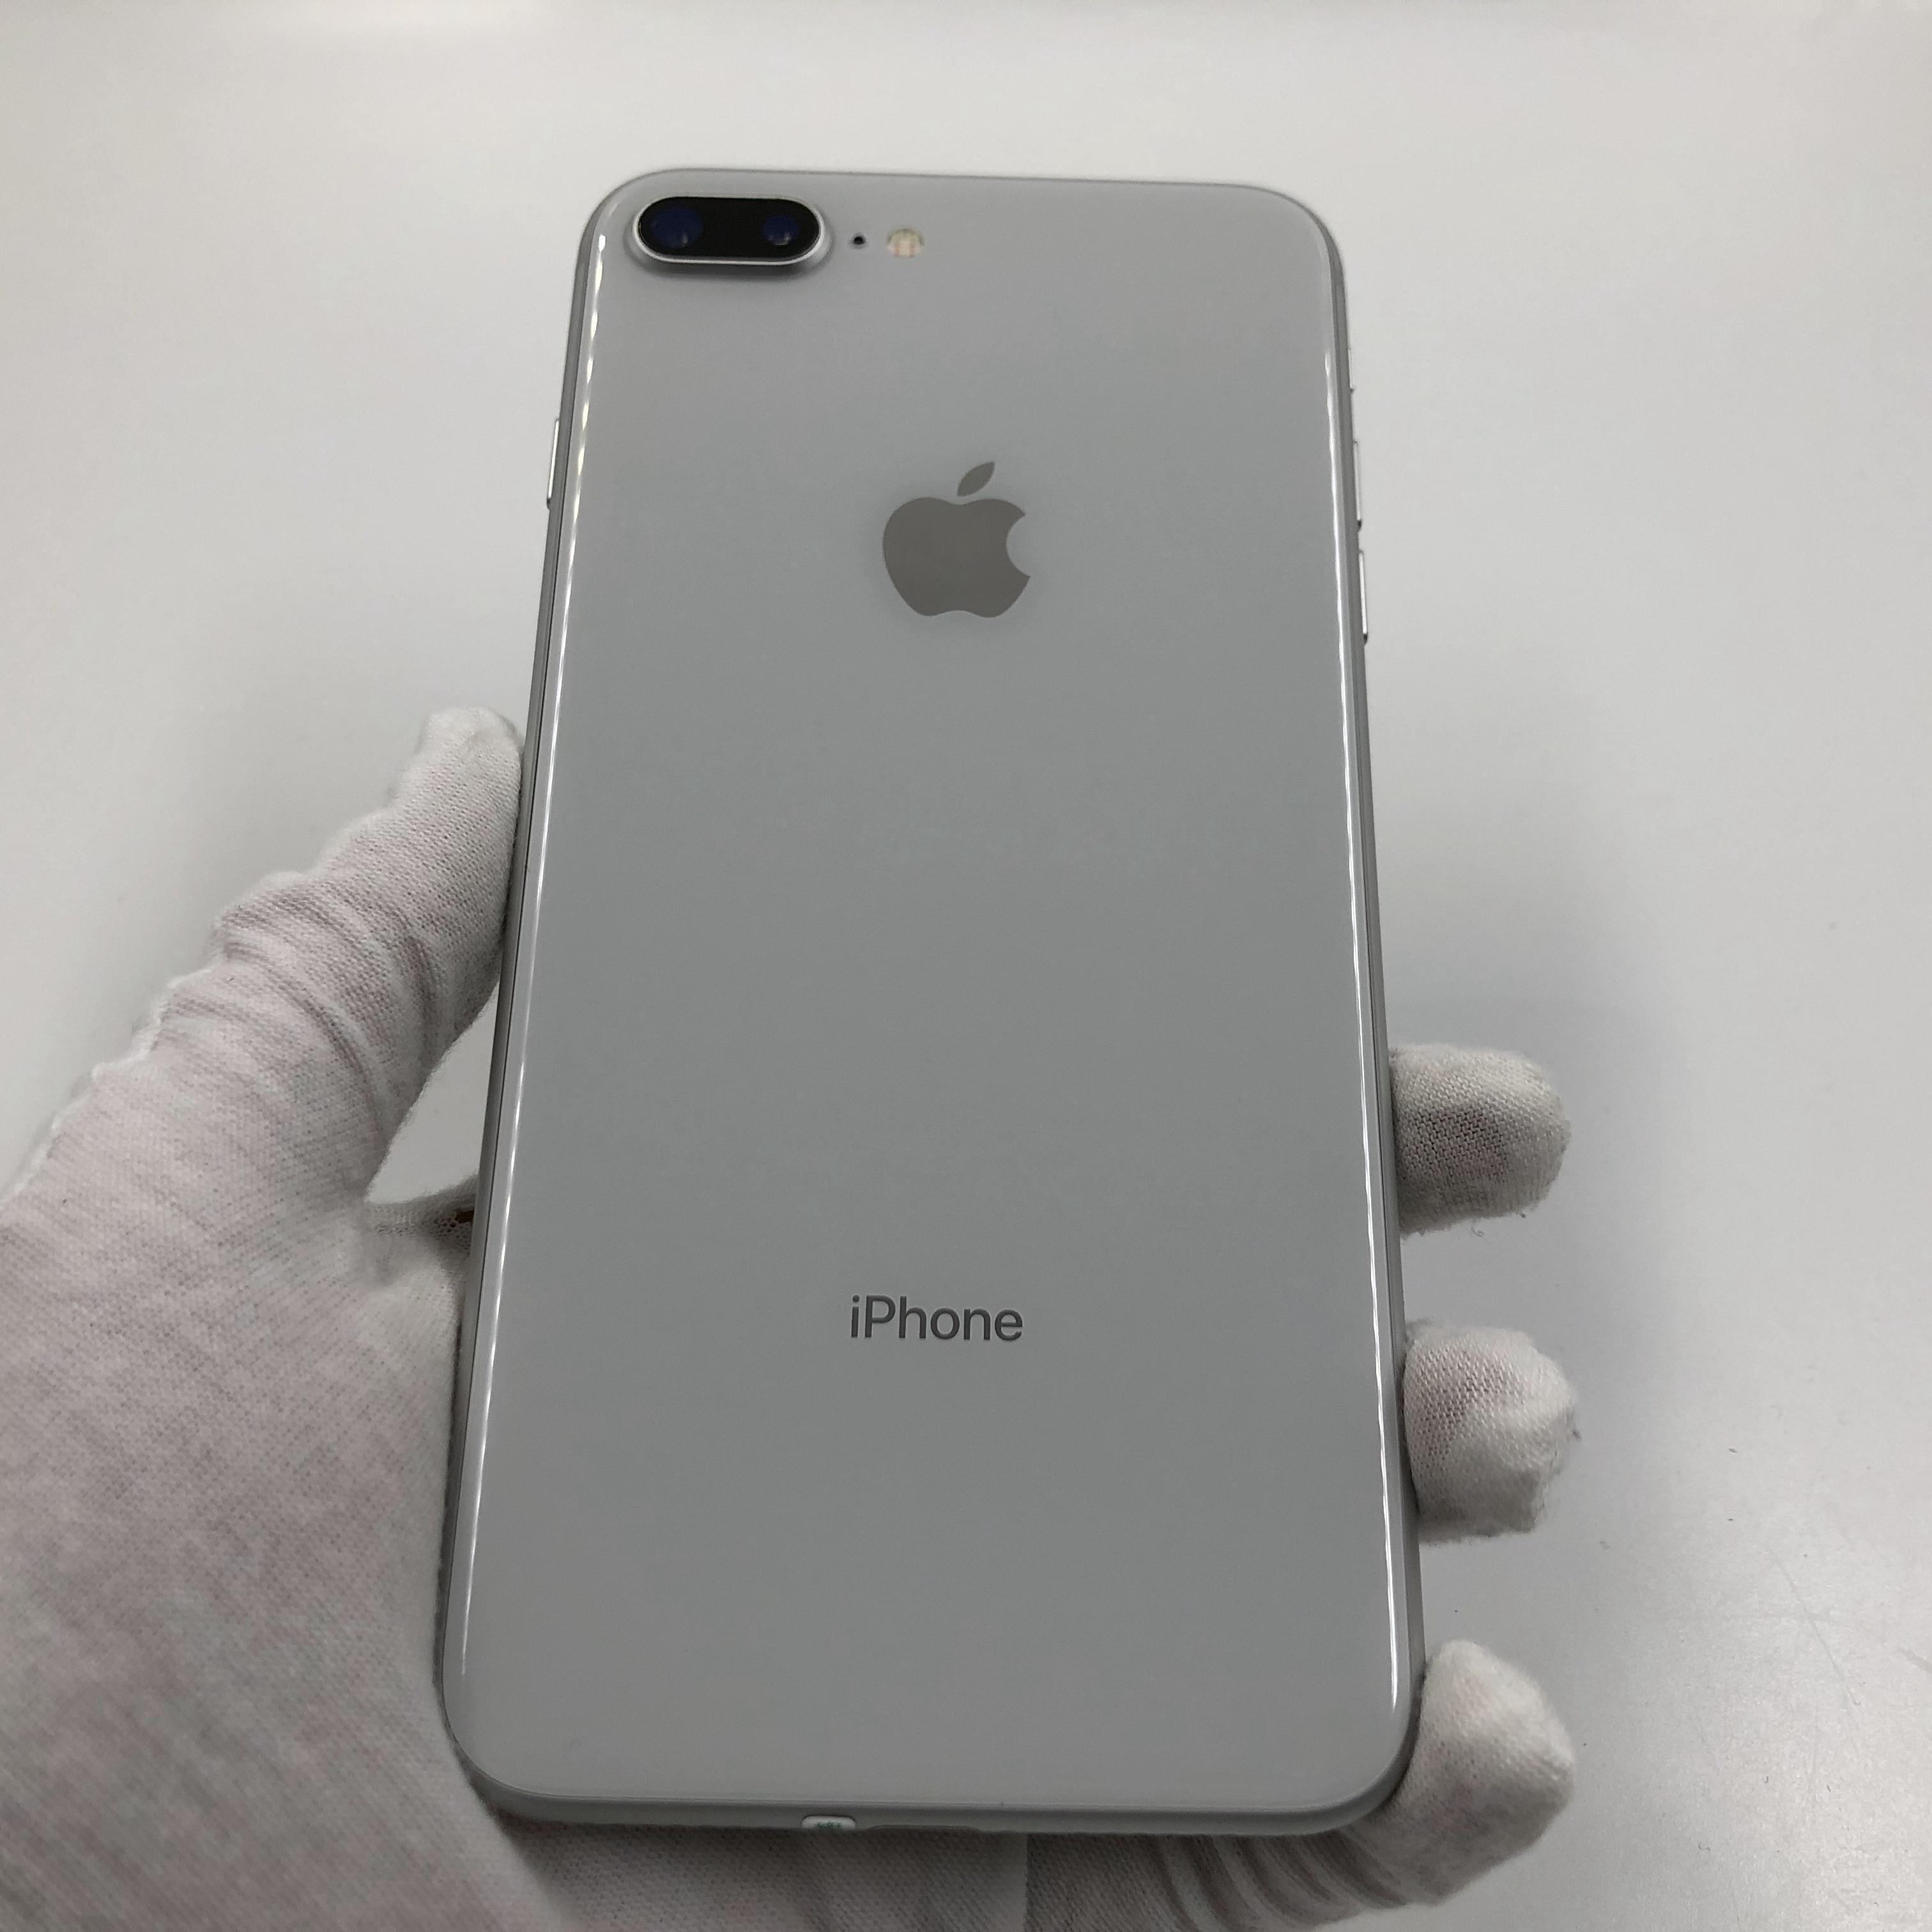 苹果【iPhone 8 Plus】4G全网通 银色 256G 国行 95新 真机实拍